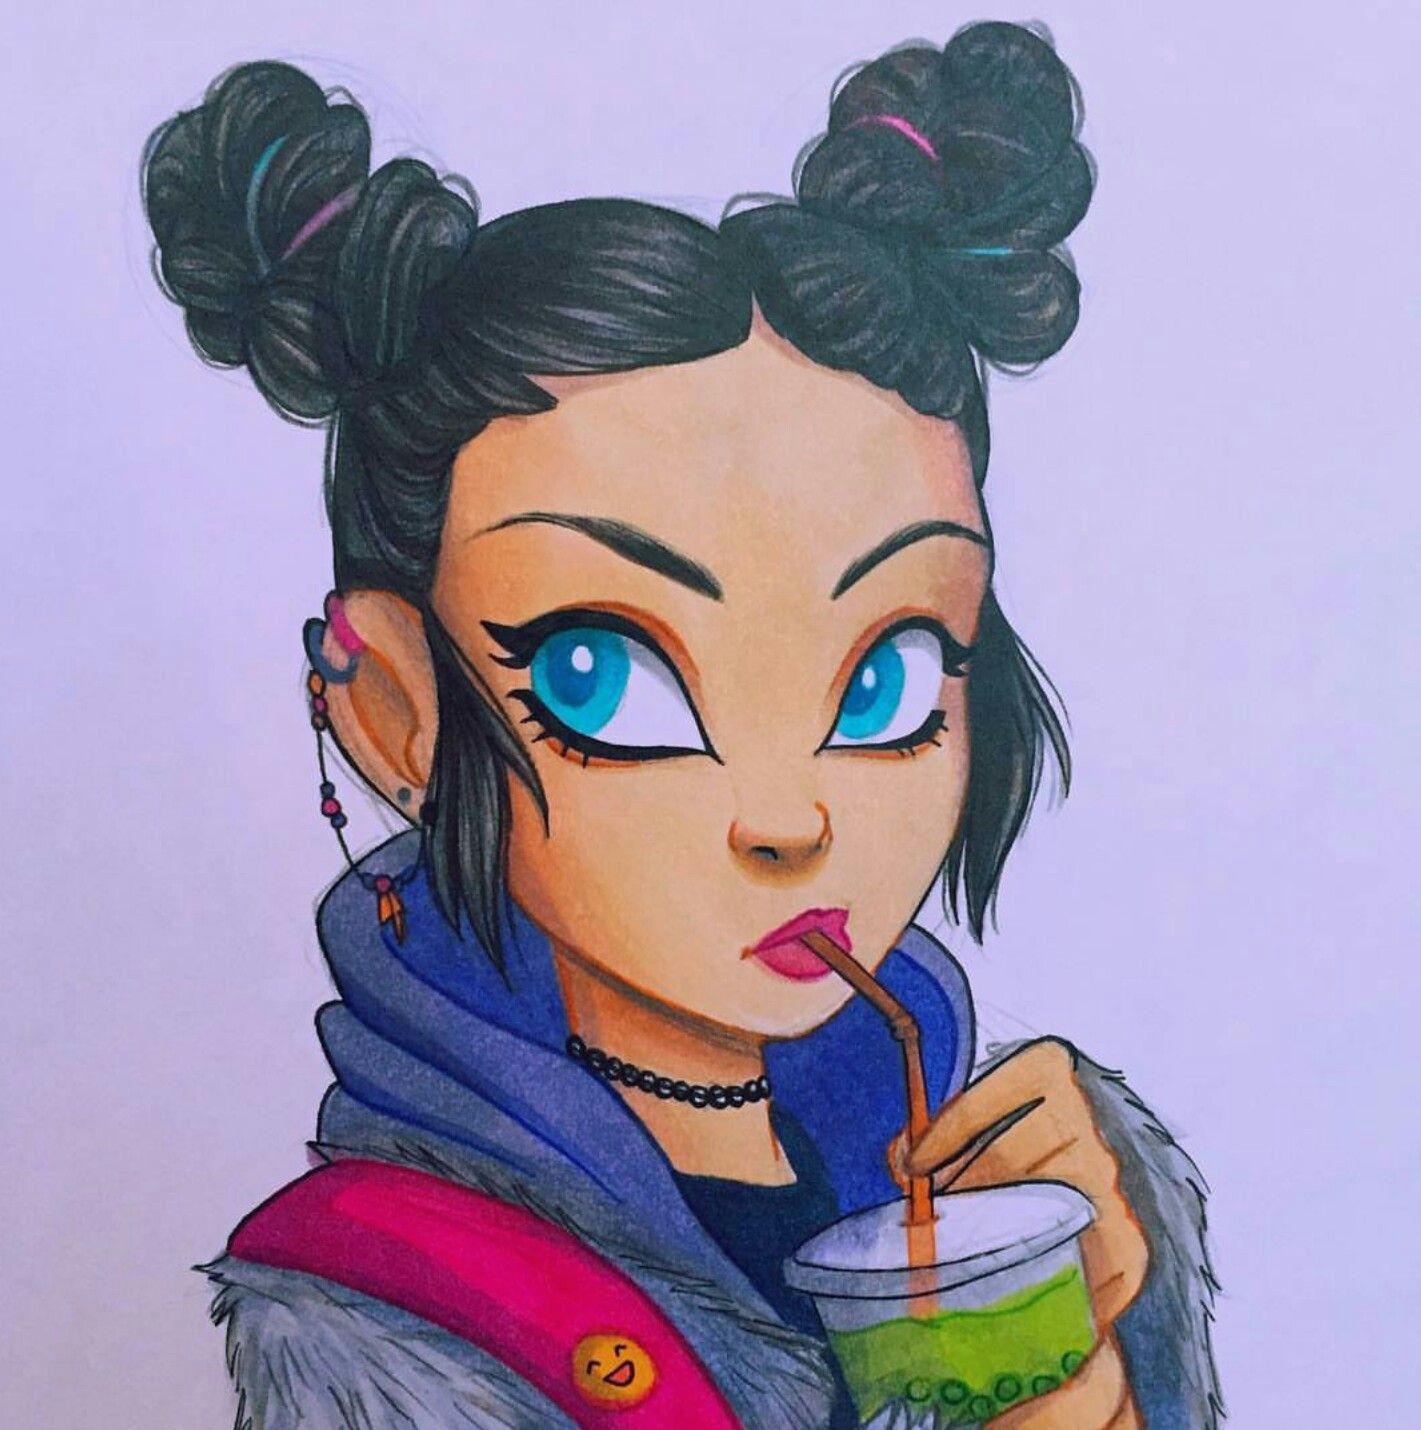 angiensca cartoon drawings tumblr drawings cartoon art cartoon ideas manga drawing